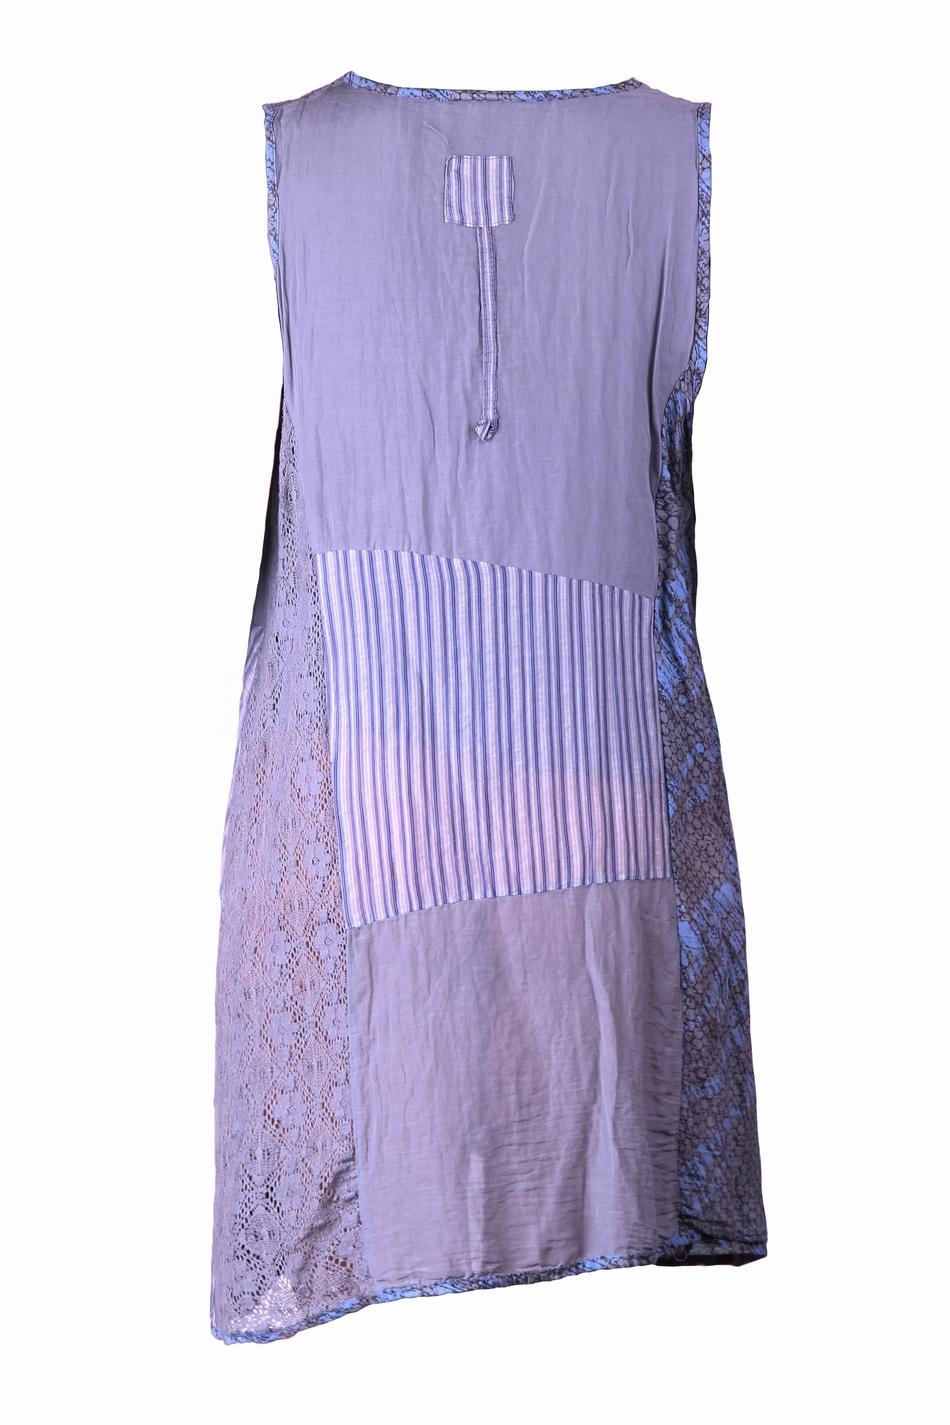 Женская одежда италия интернет магазин